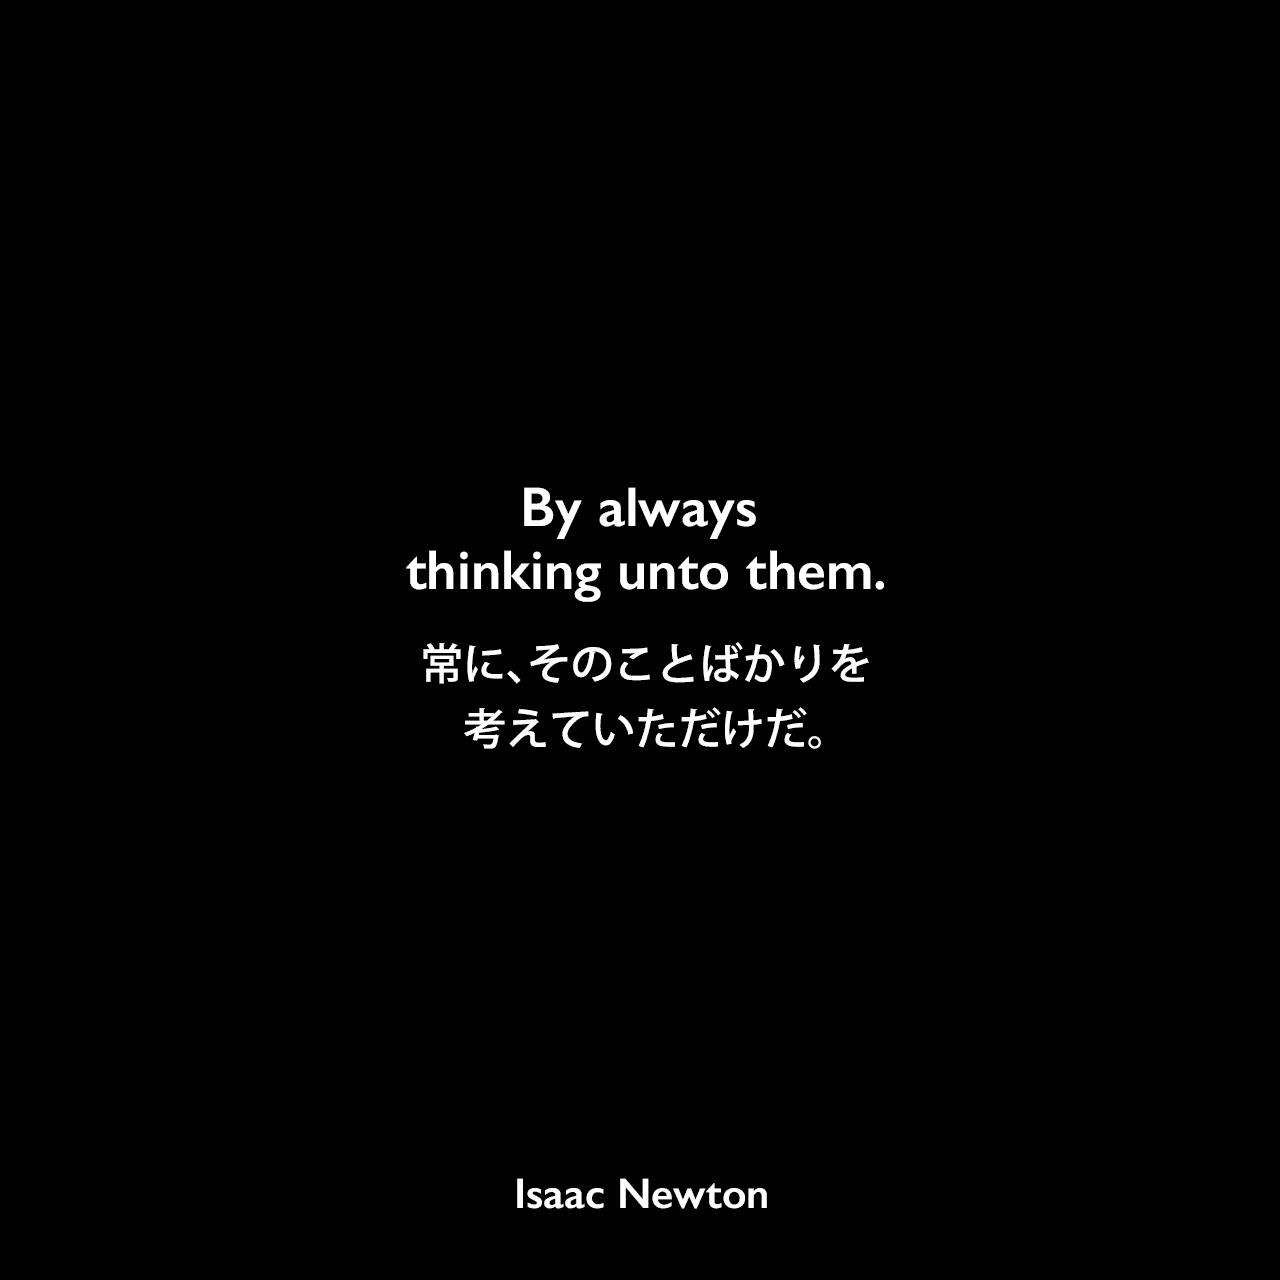 By always thinking unto them.常に、そのことばかりを考えていただけだ。Isaac Newton